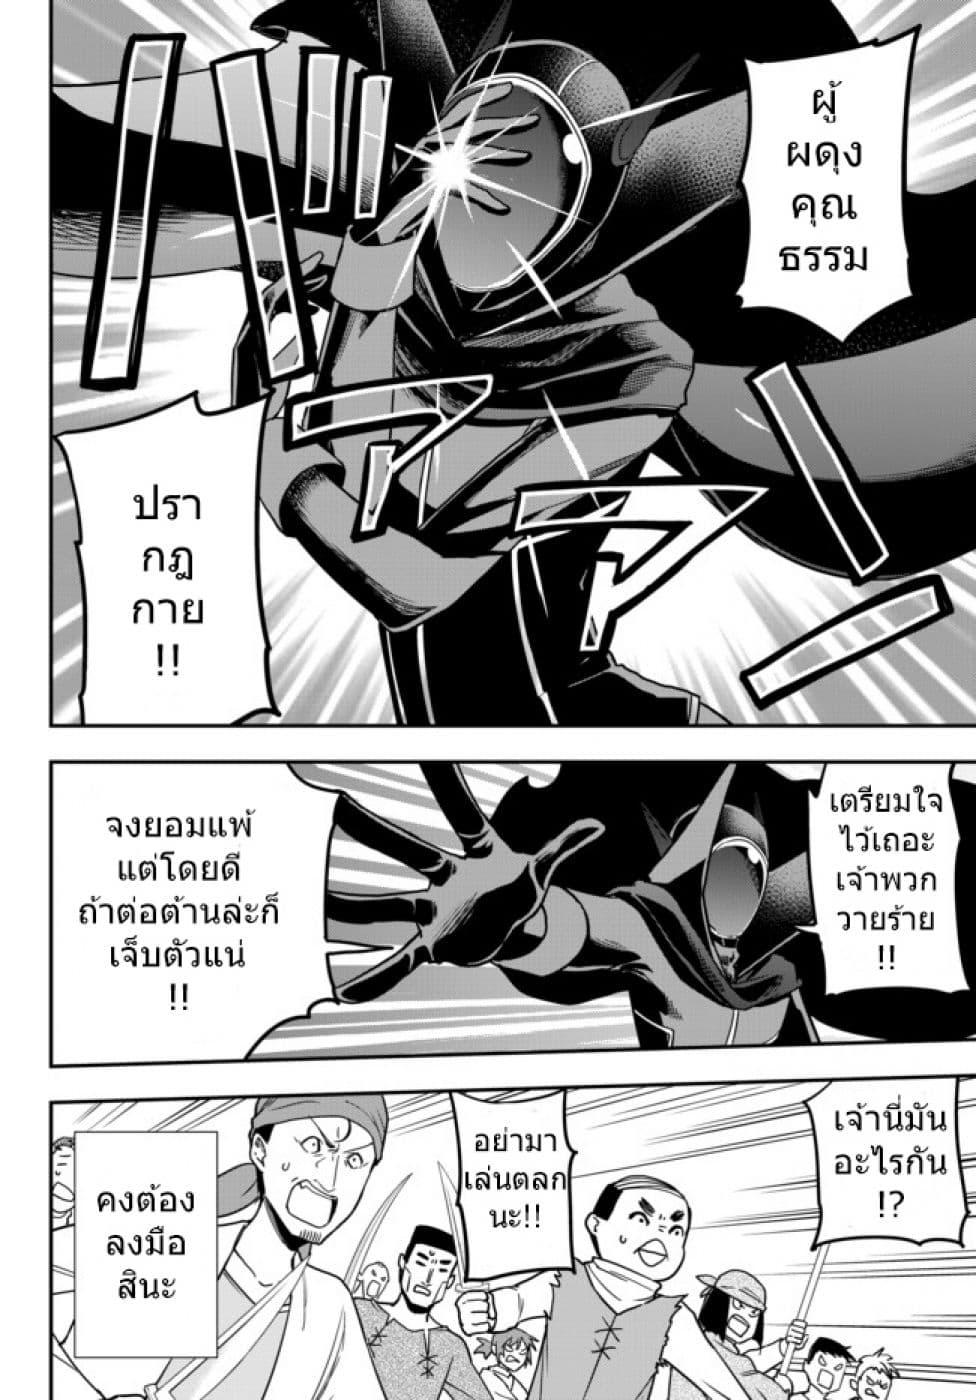 อ่านการ์ตูน Jitsu wa Ore Saikyou deshita ตอนที่ 9 หน้าที่ 12